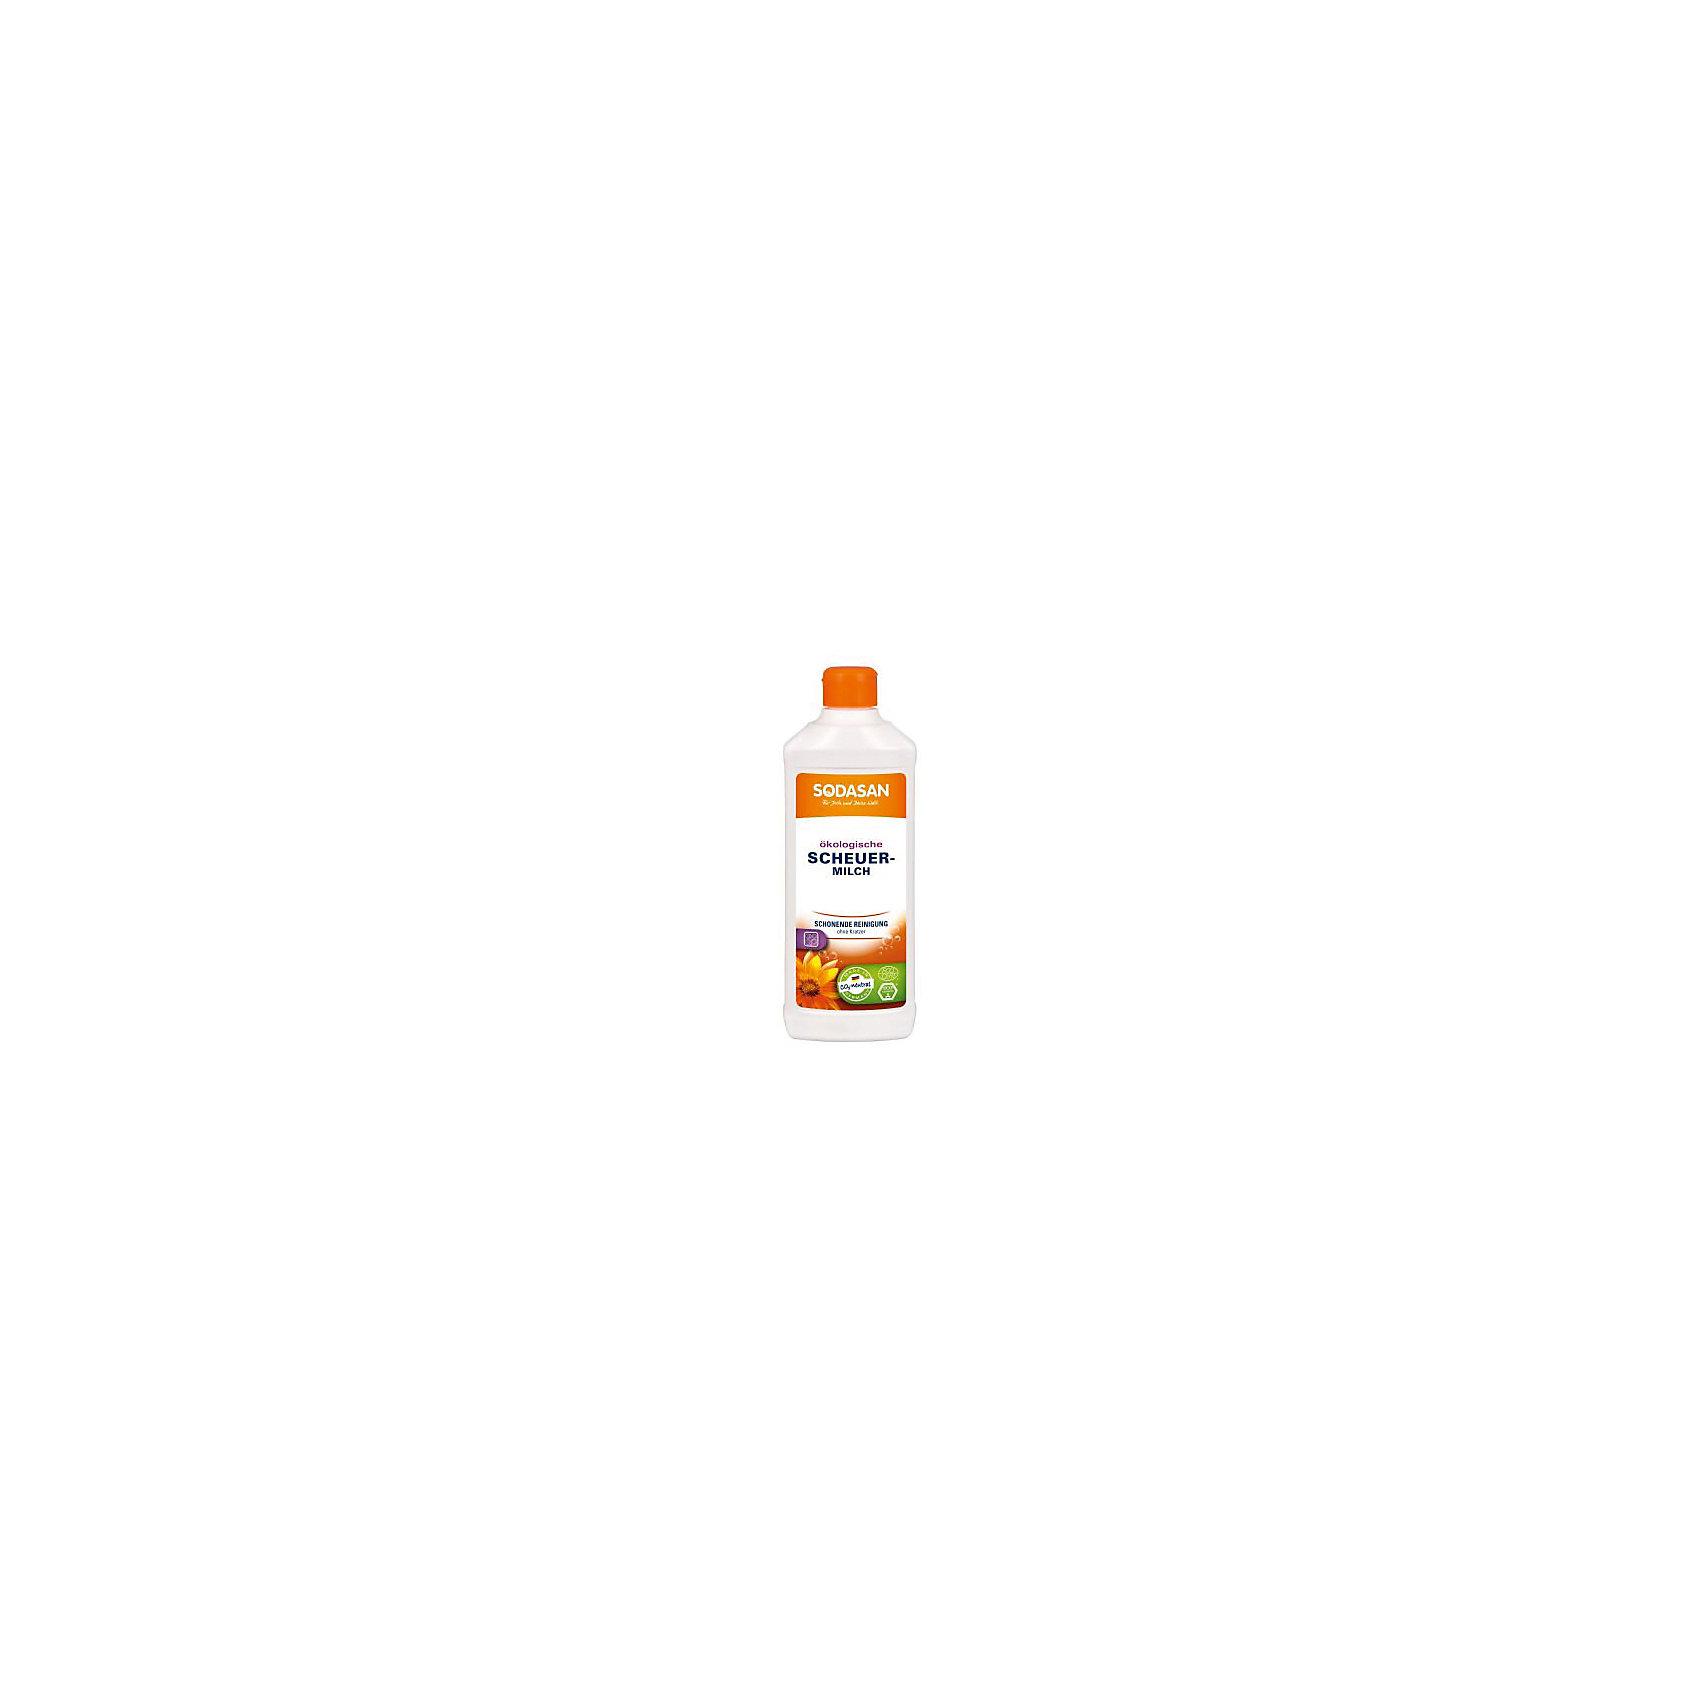 Крем очищающий для стеклокерамики и других деликатных поверхностей 500мл, SodasanБытовая химия<br>Бережная очистка без царапин<br>Преимущества:<br><br>эффективная, тщательная очистка<br>без красителей или консервантов<br>естественный аромат чистых эфирных масел<br>Использование:<br>Для эффективного и продуктивного удаления загрязнений на твердых поверхностях, таких как керамическая и индукционная конфорка, эмаль, керамика, нержавеющая сталь или сантехническое оборудование.<br><br>Экологические преимущества:<br>Мраморный порошок - широко используемое минеральное вещество, которое не разлагается в сточных водах.<br>Продукт является CO2-нейтральным. Мы используем только электроэнергию Greenpeace energy, следовательно, на 100% обходимся без ядерной энергии.<br><br>Ширина мм: 250<br>Глубина мм: 100<br>Высота мм: 250<br>Вес г: 500<br>Возраст от месяцев: -2147483648<br>Возраст до месяцев: 2147483647<br>Пол: Унисекс<br>Возраст: Детский<br>SKU: 5407606